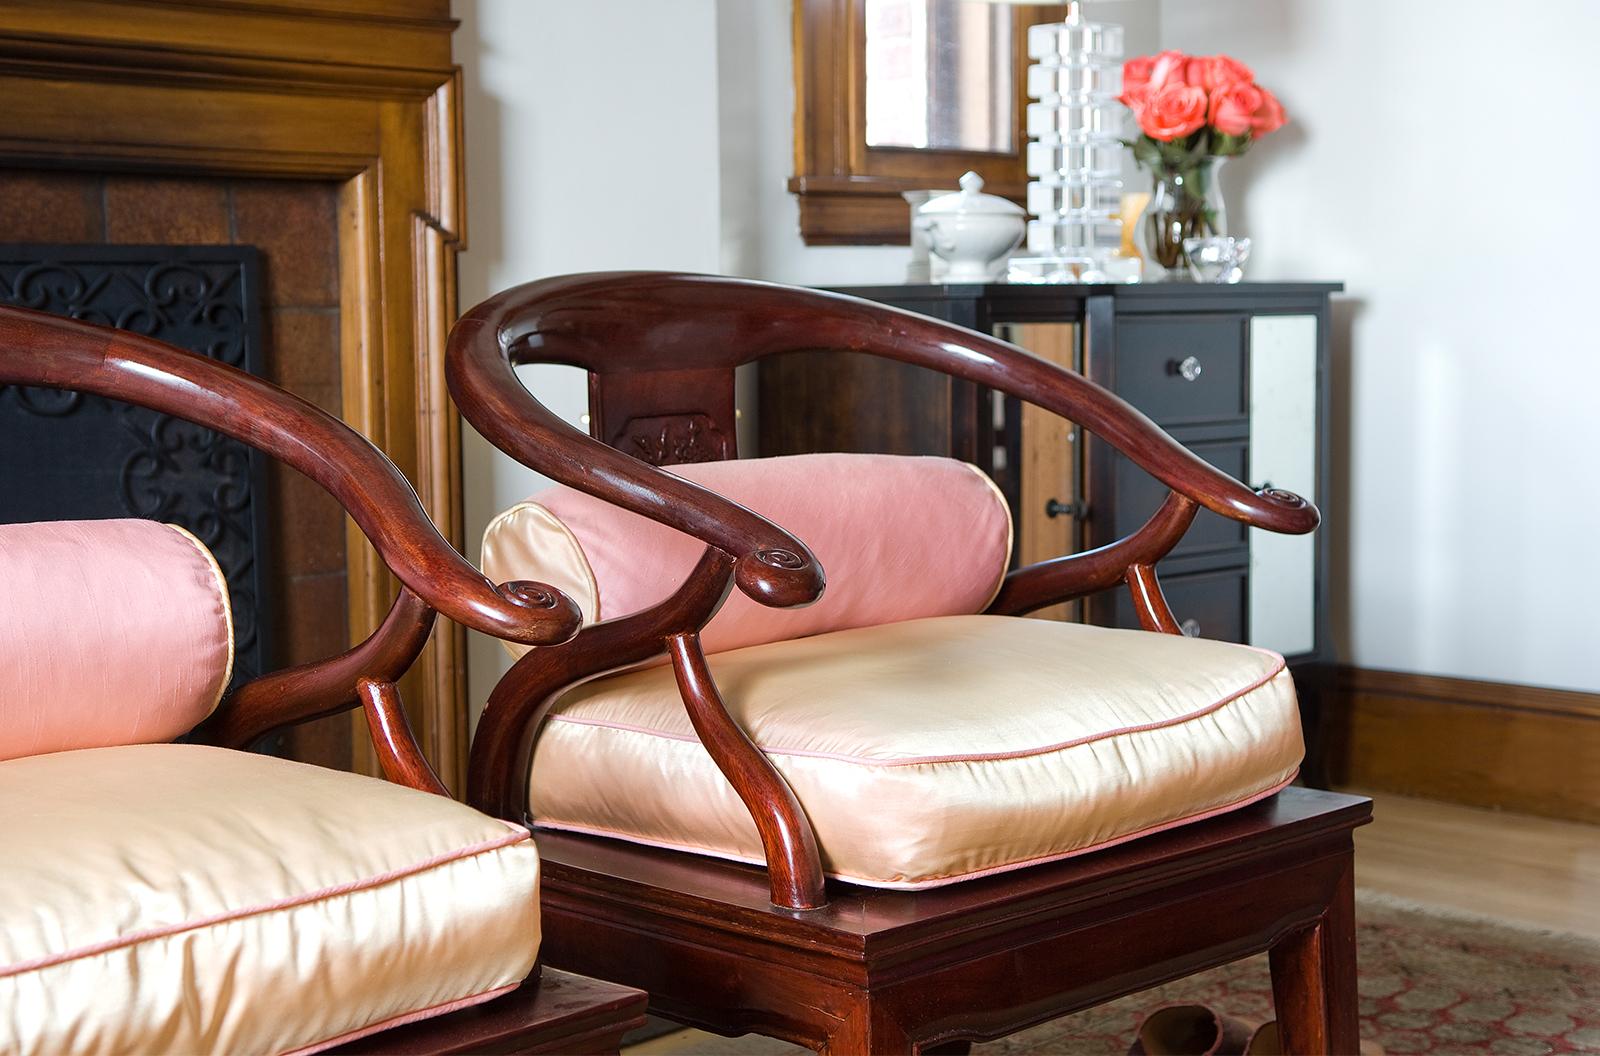 Mandarina Studio Boston interior design contemporary bold color 7.jpg